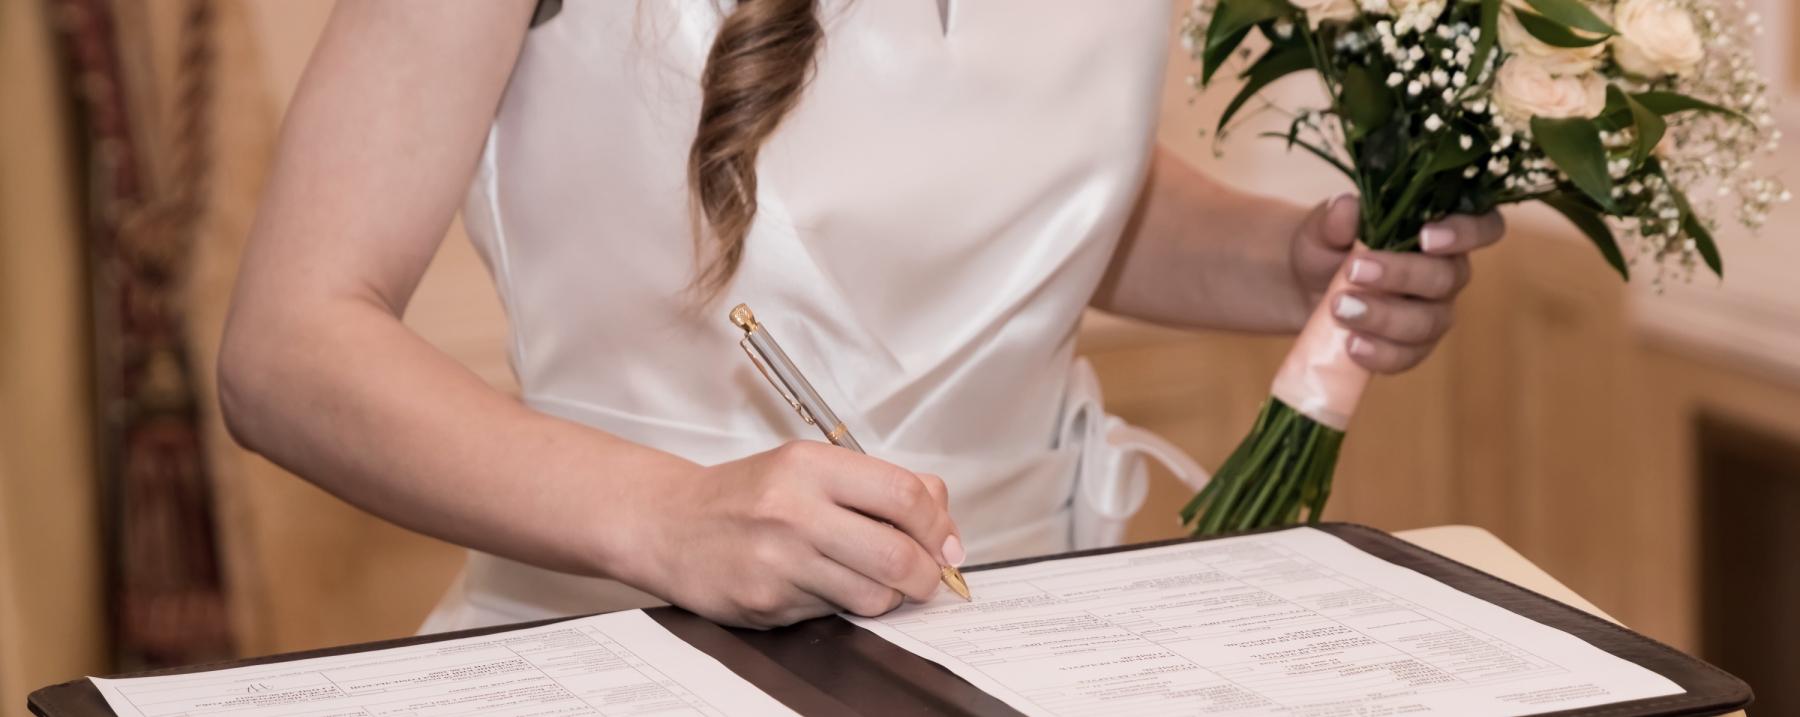 Certificat de casatorie